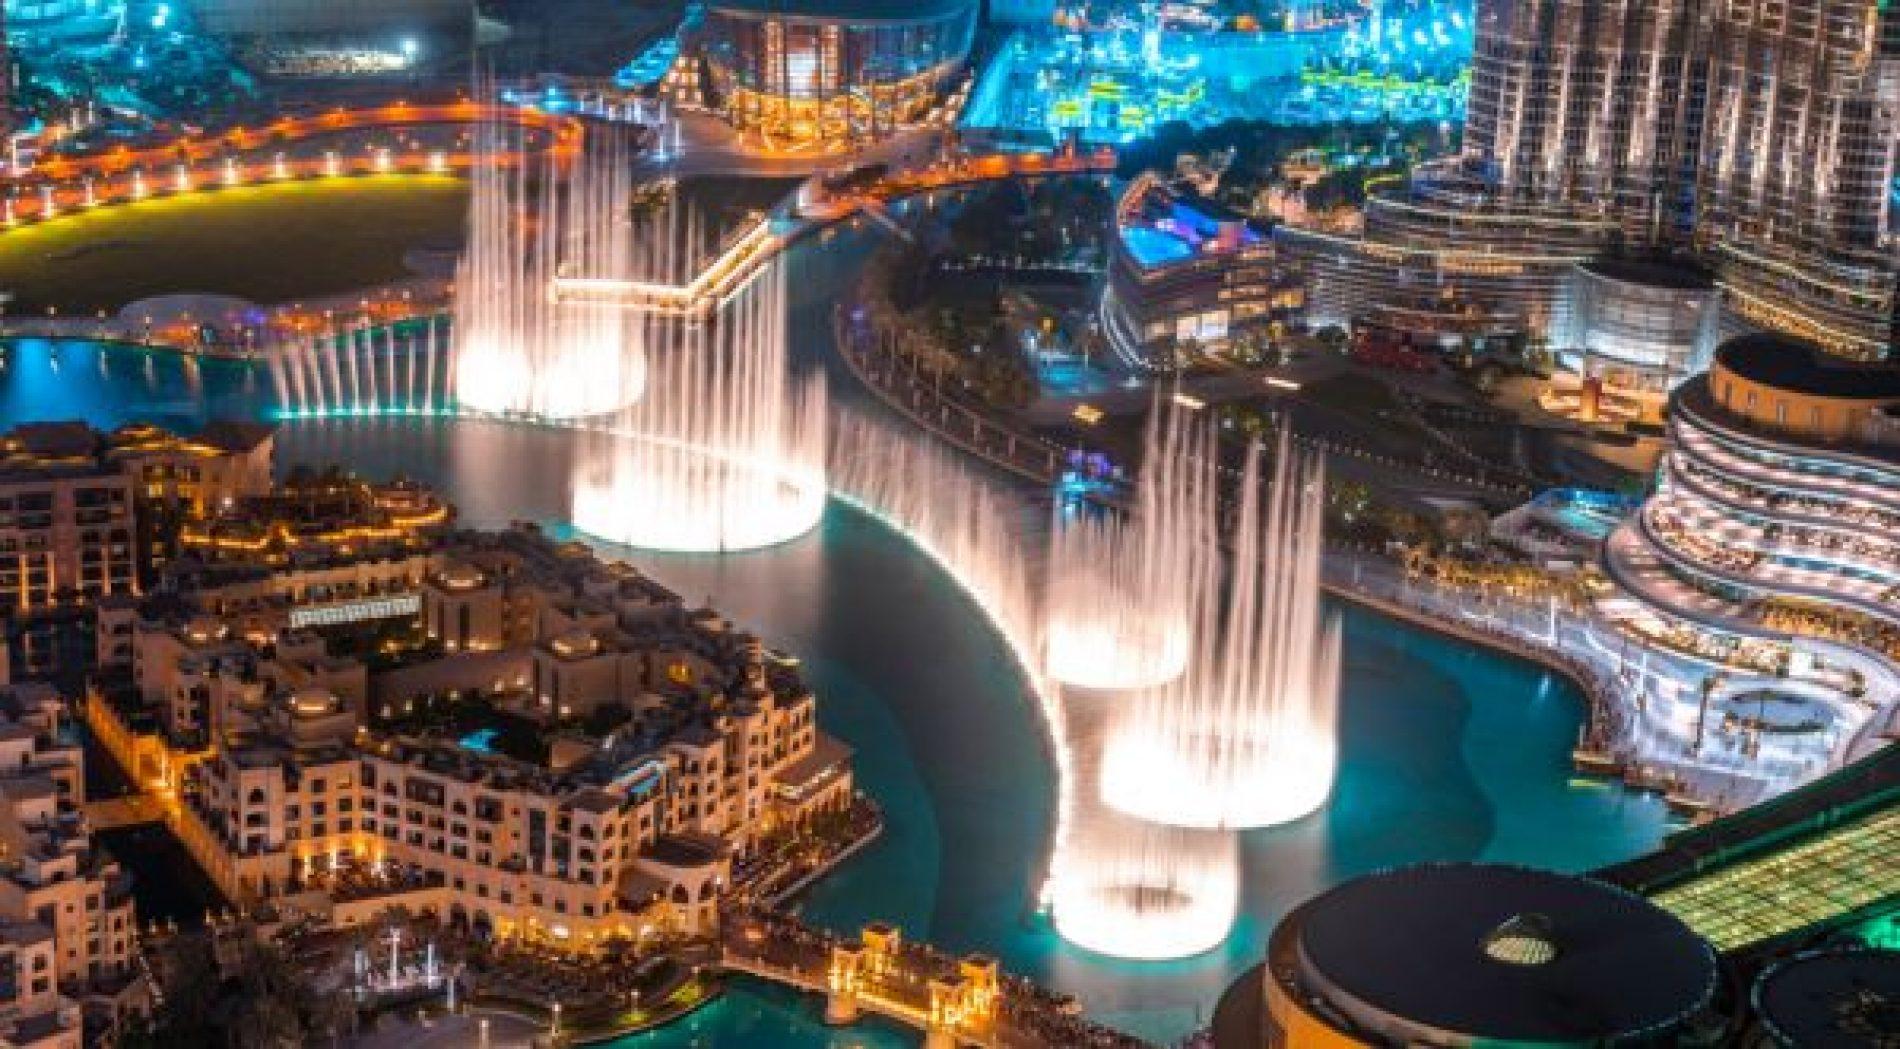 Zabavni park u Lukavcu vrijediće 100 miliona EUR – fontana kao u Dubaiju